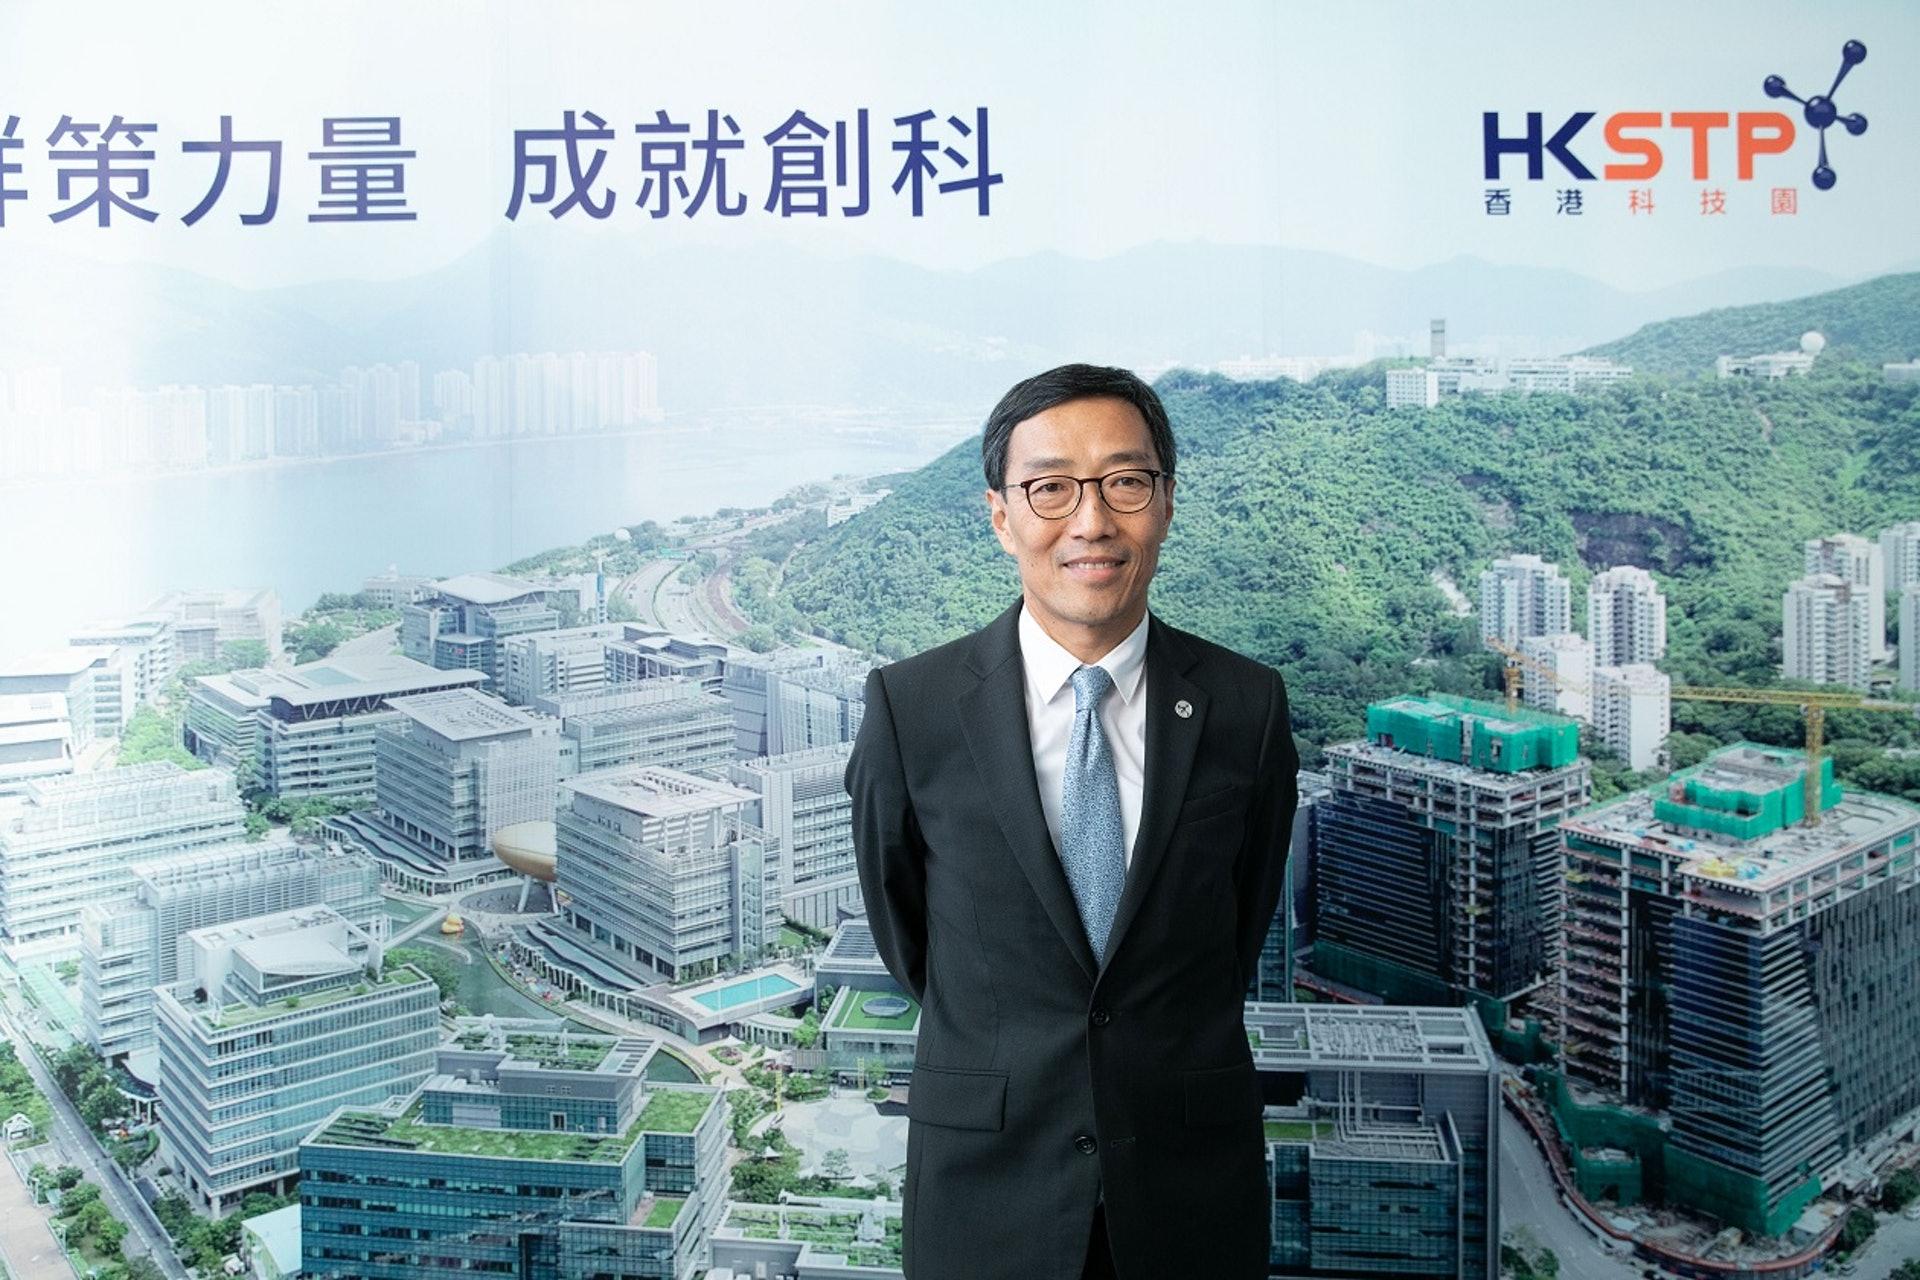 香港科技園公司行政總裁黃克強認為香港的小型創企正需要三項支援:人才、應用機會及資金,他期望科學園能繼續擔任橋樑角色,聯合創企及投資者,以令雙方相得益彰。